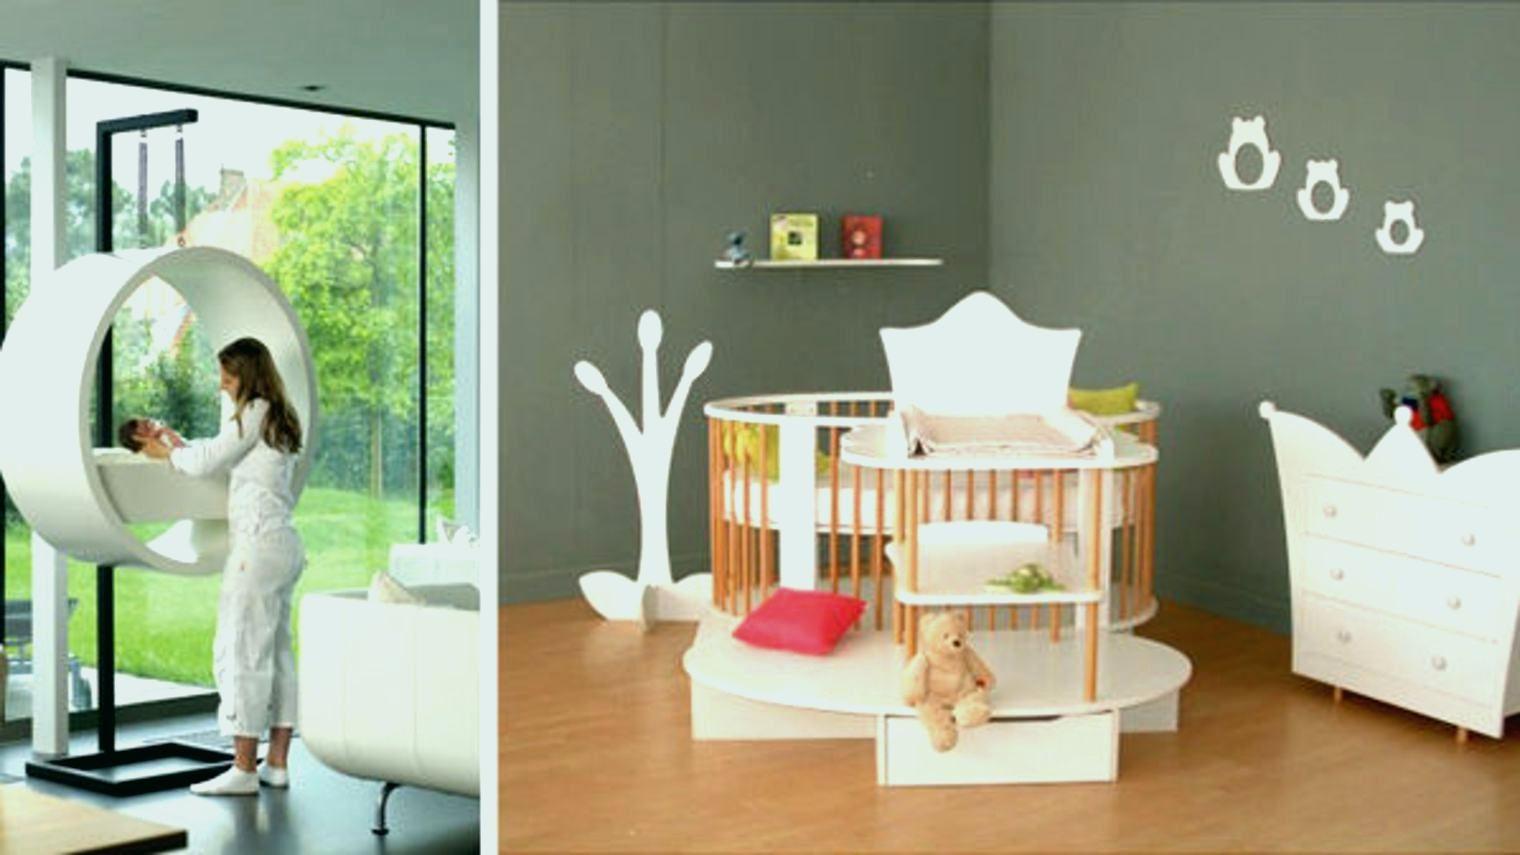 Lit Enfant Maison Agréable Beau Cabane Lit Pour Enfant